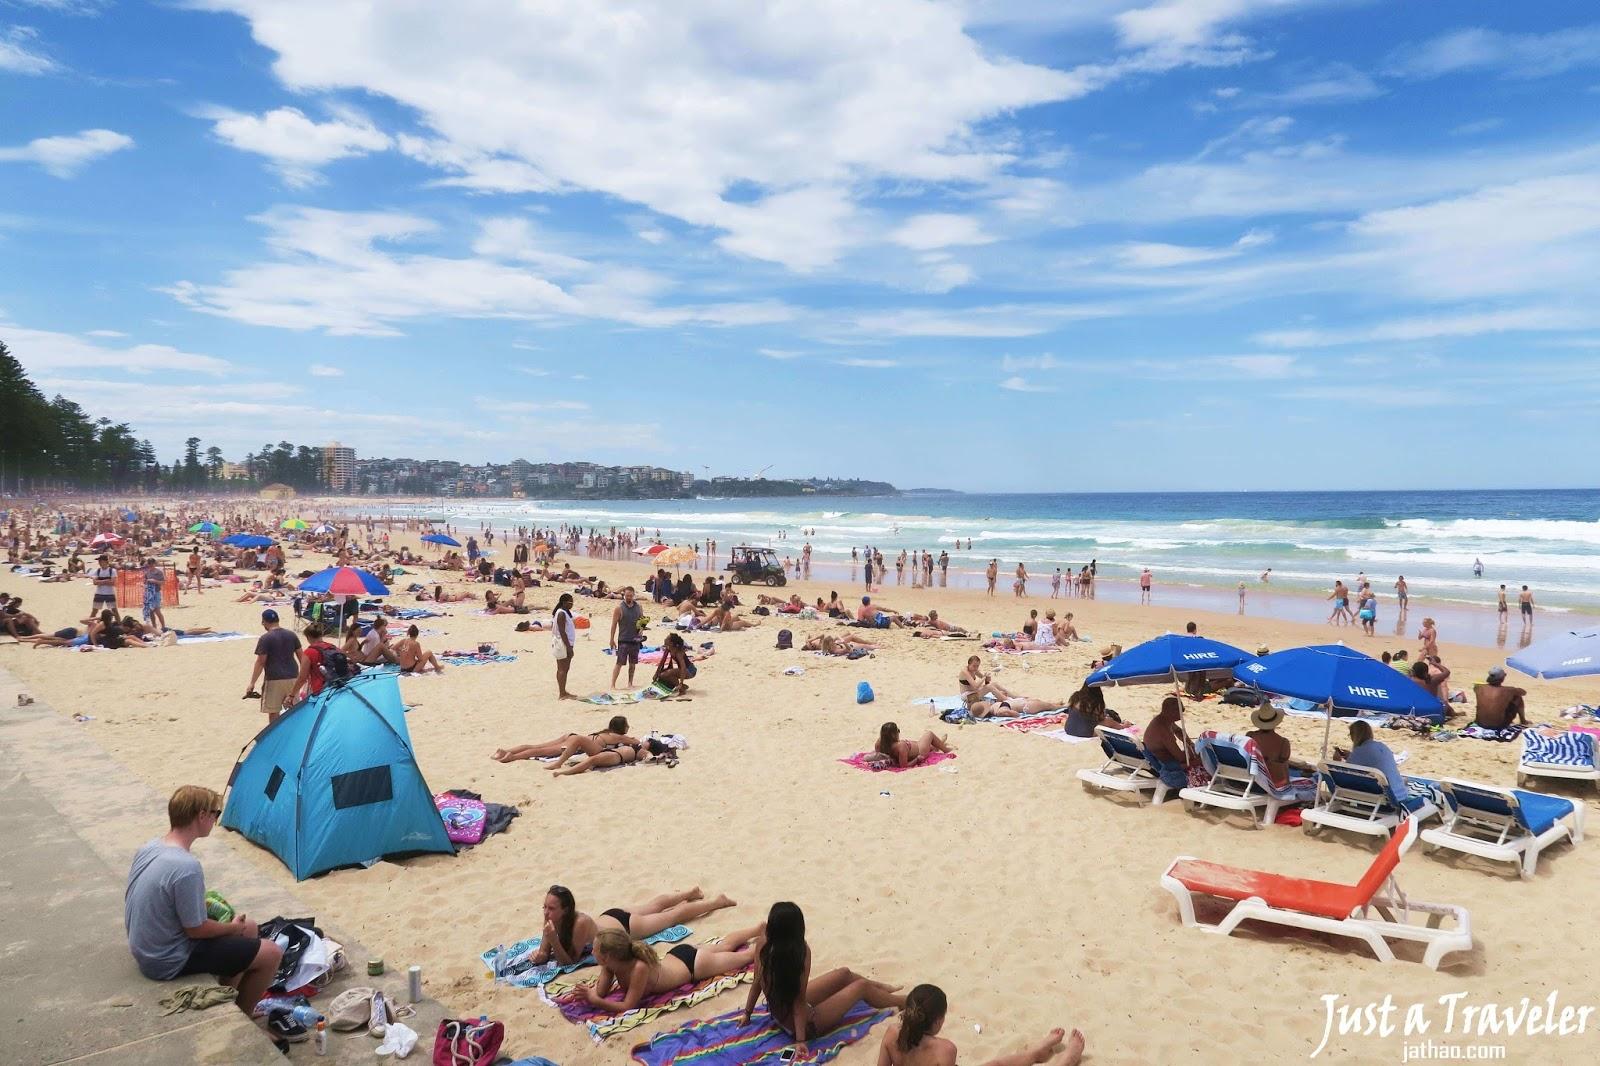 雪梨-雪梨景點-市區-推薦-雪梨必玩景點-雪梨必遊景點-曼利海灘-雪梨旅遊景點-雪梨自由行景點-悉尼景點-澳洲-Sydney-Tourist-Attraction-Manly-Beach-Travel-Australia